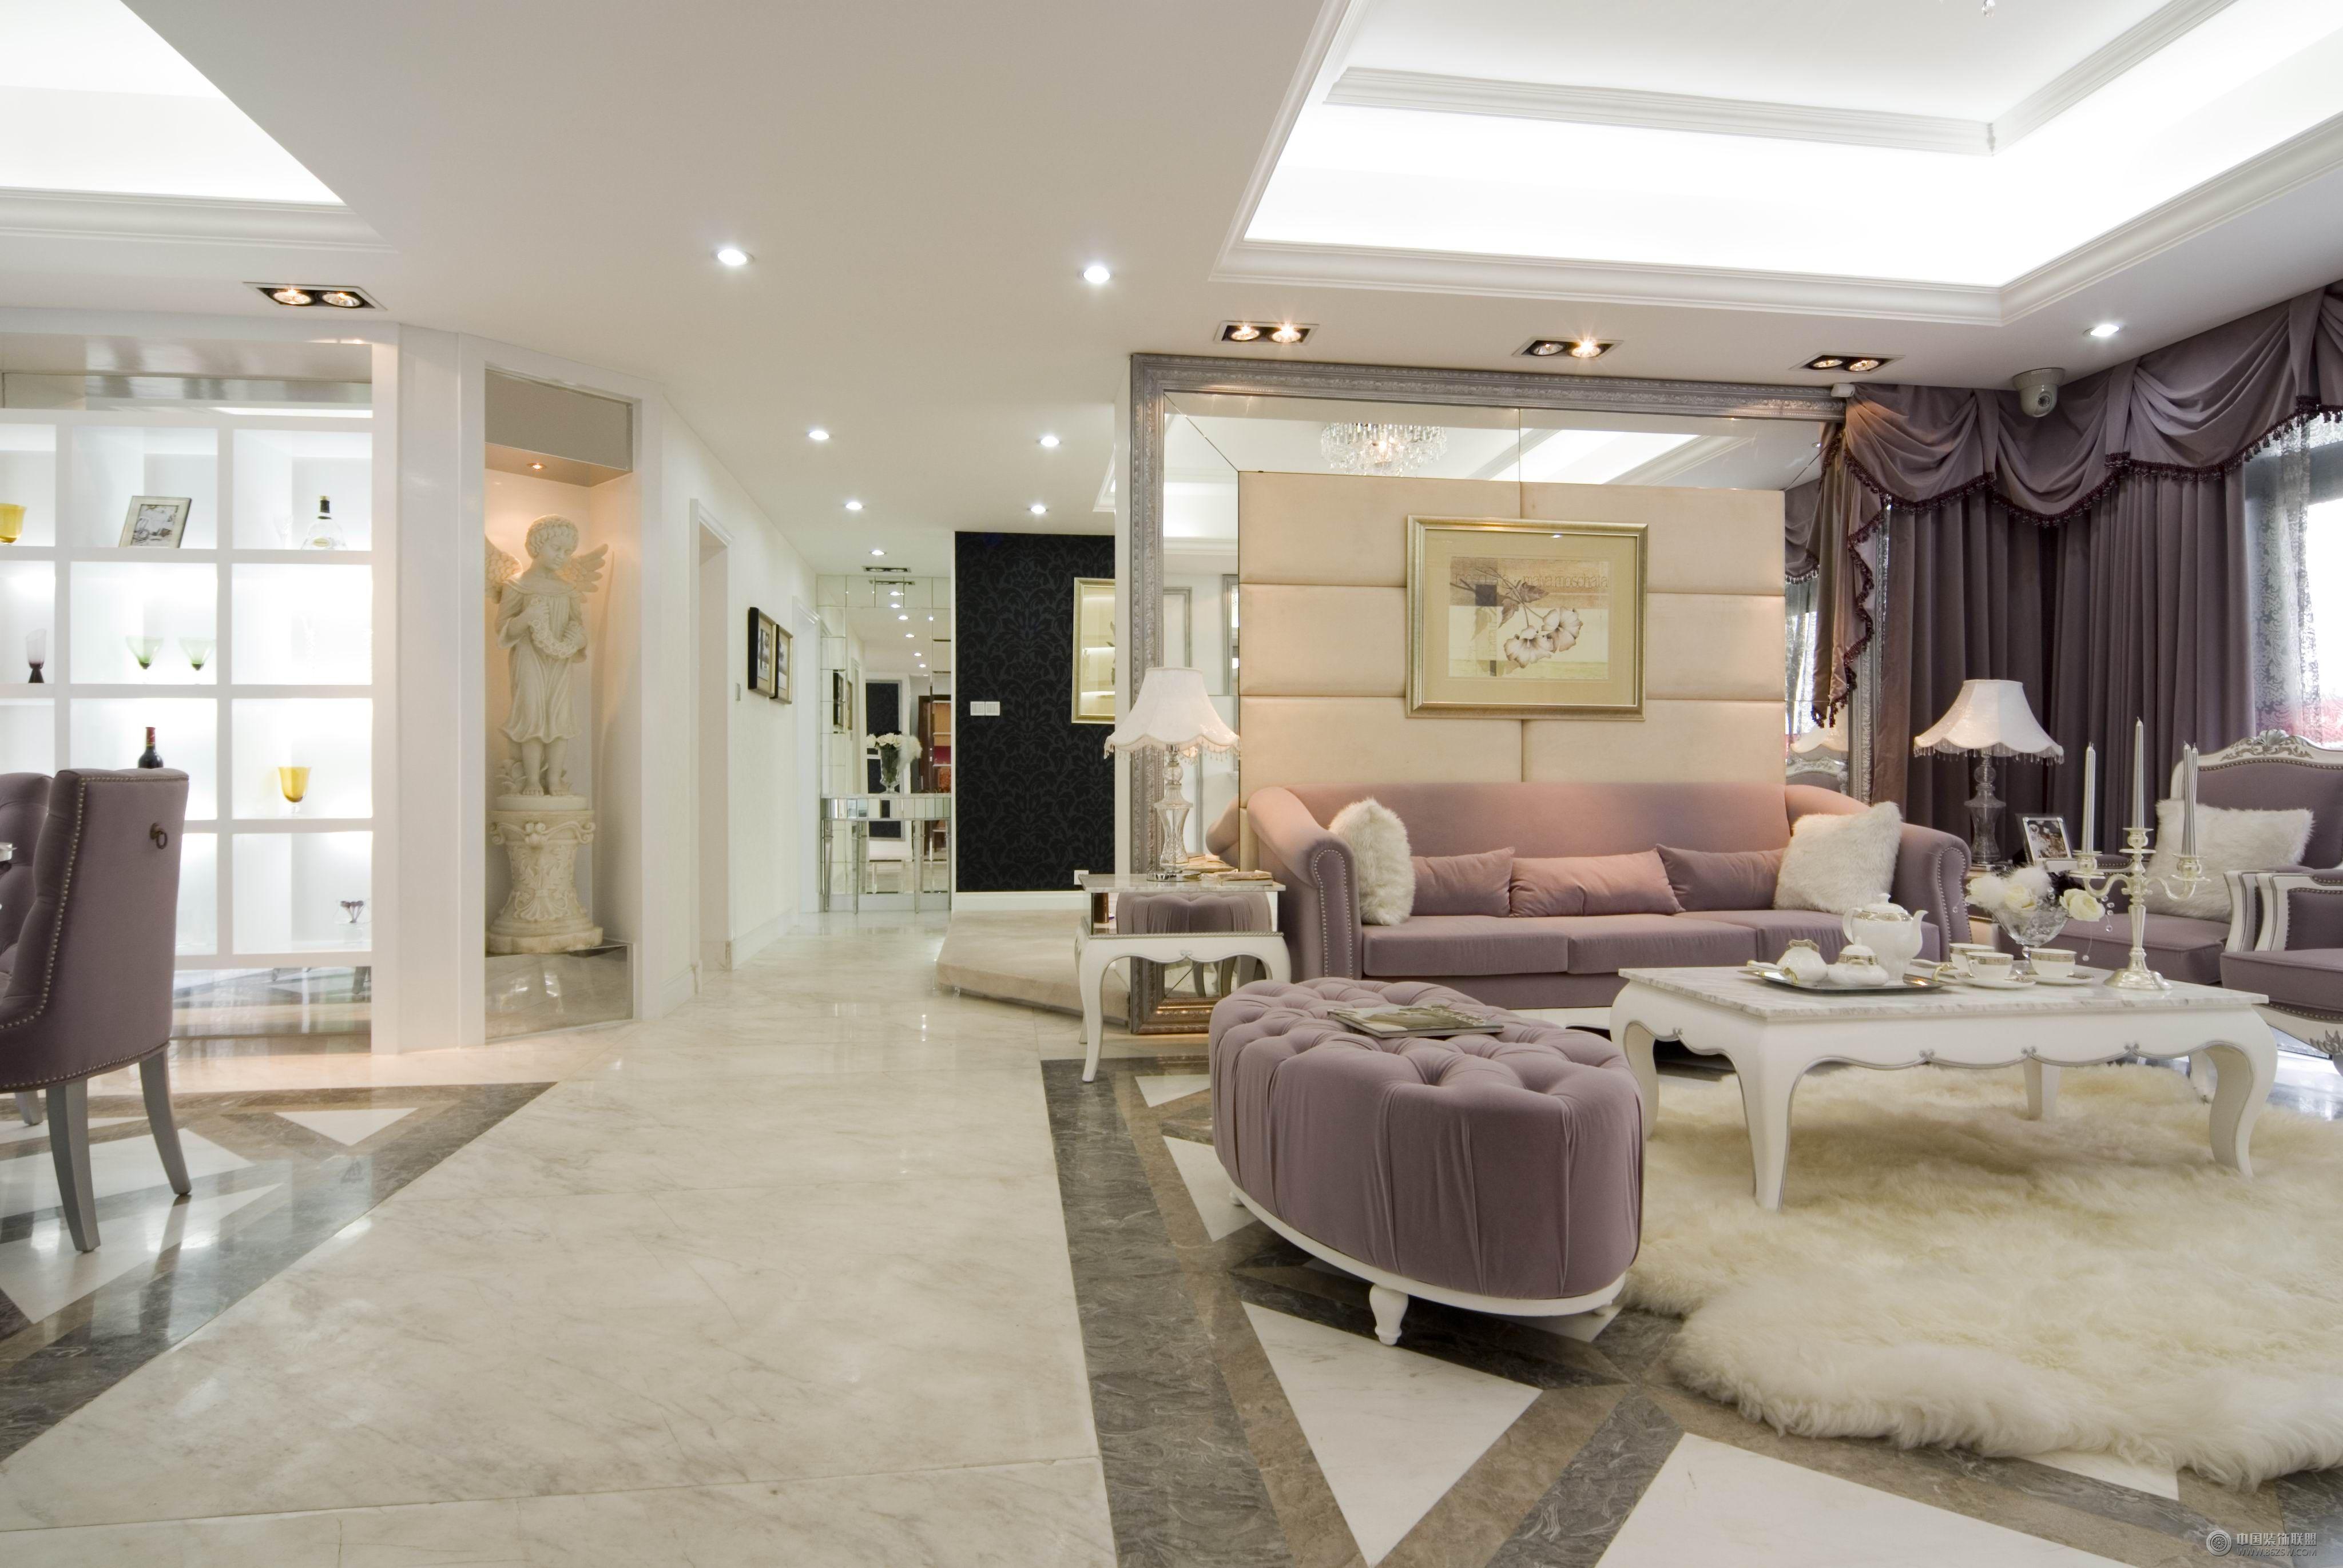 欧式四室两厅家装图欧式客厅装修图片